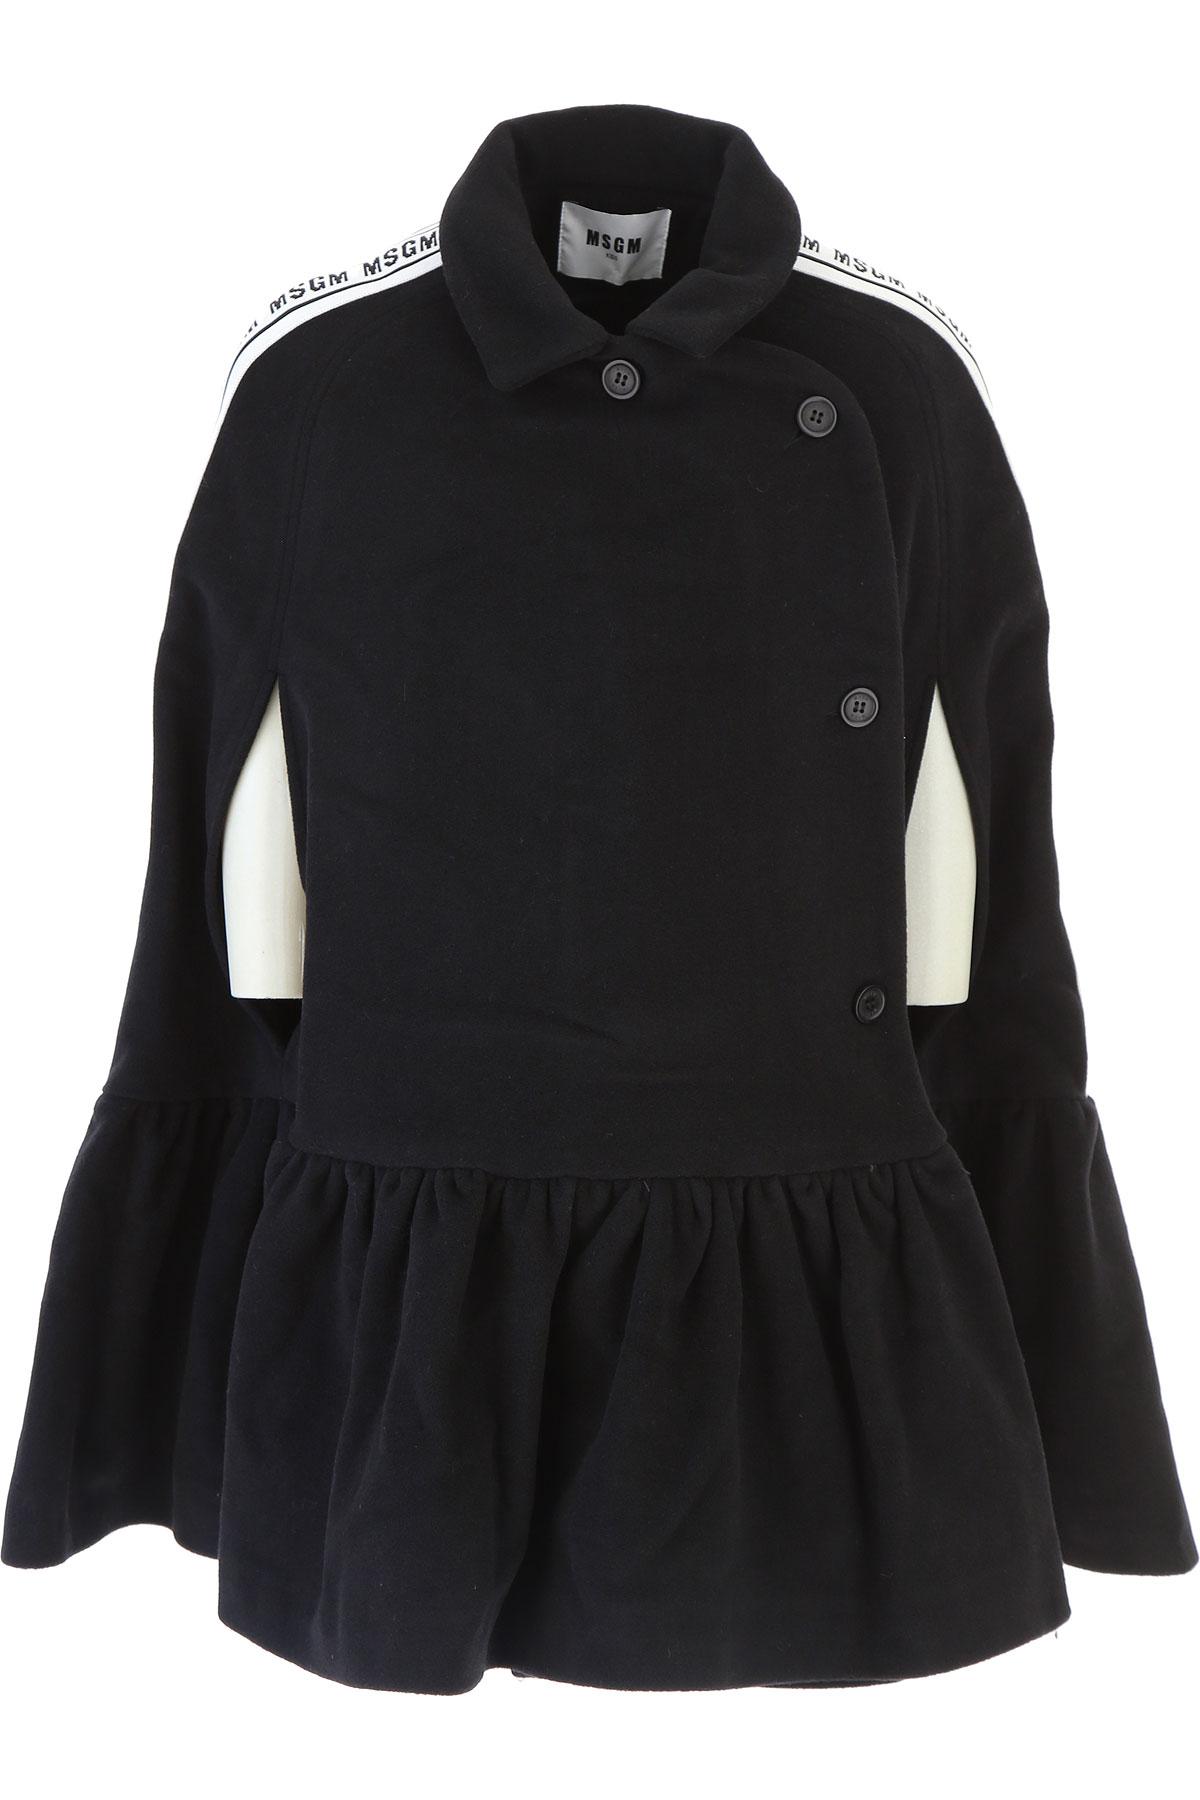 Image of MSGM {DESIGNER} Kids Coat for Girls, Black, Virgin wool, 2017, 10Y 14Y 16Y